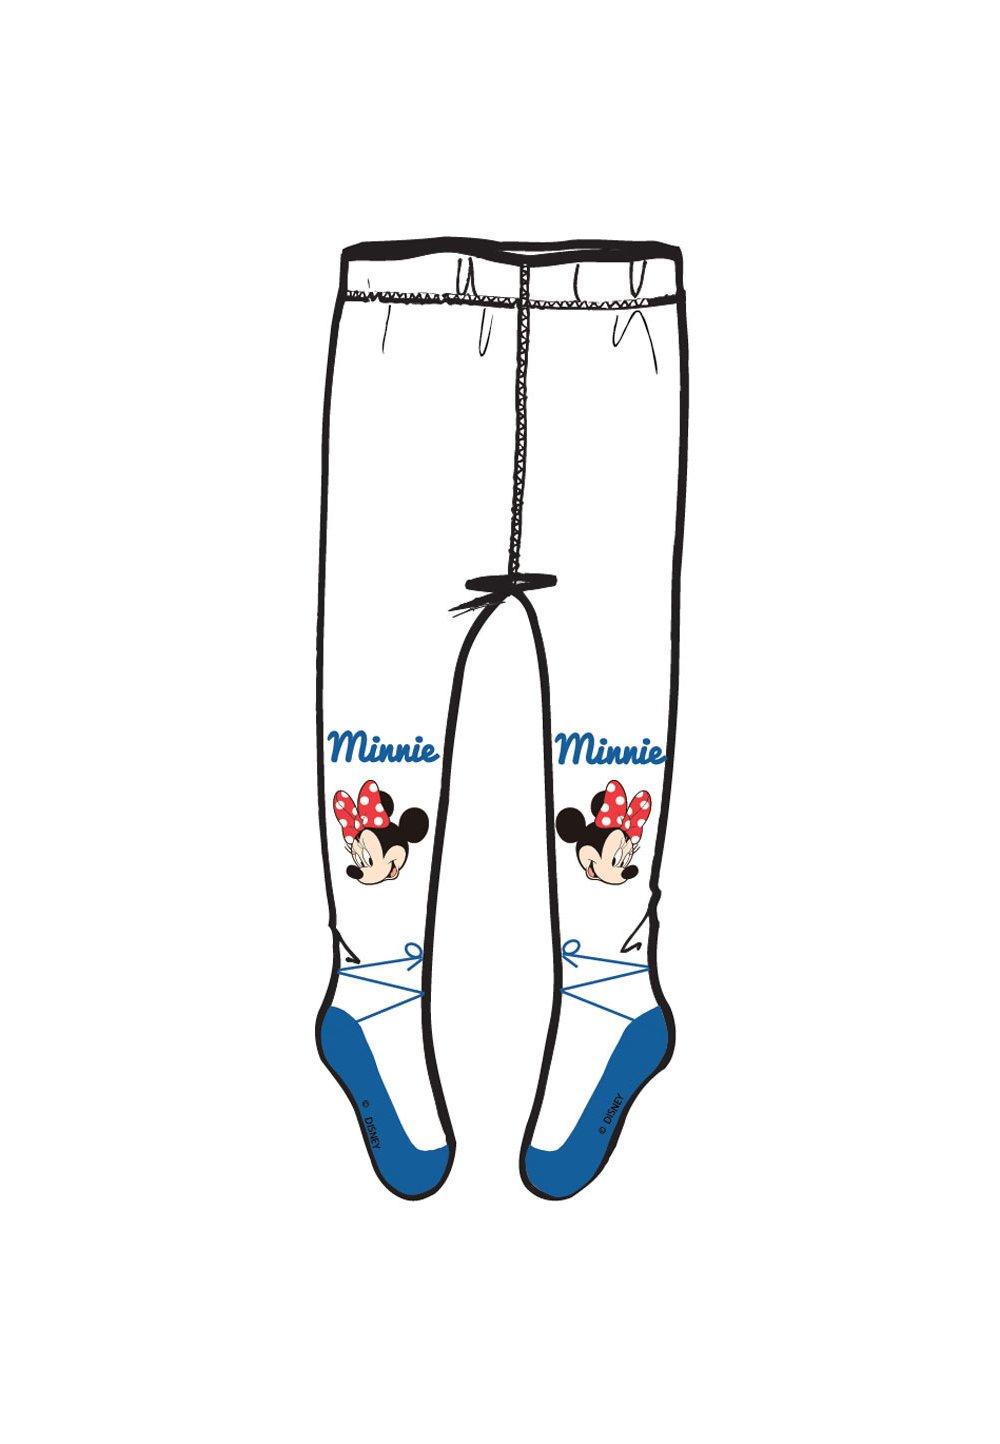 Ciorapi cu chilot, alb cu albastru, Minnie Mouse imagine